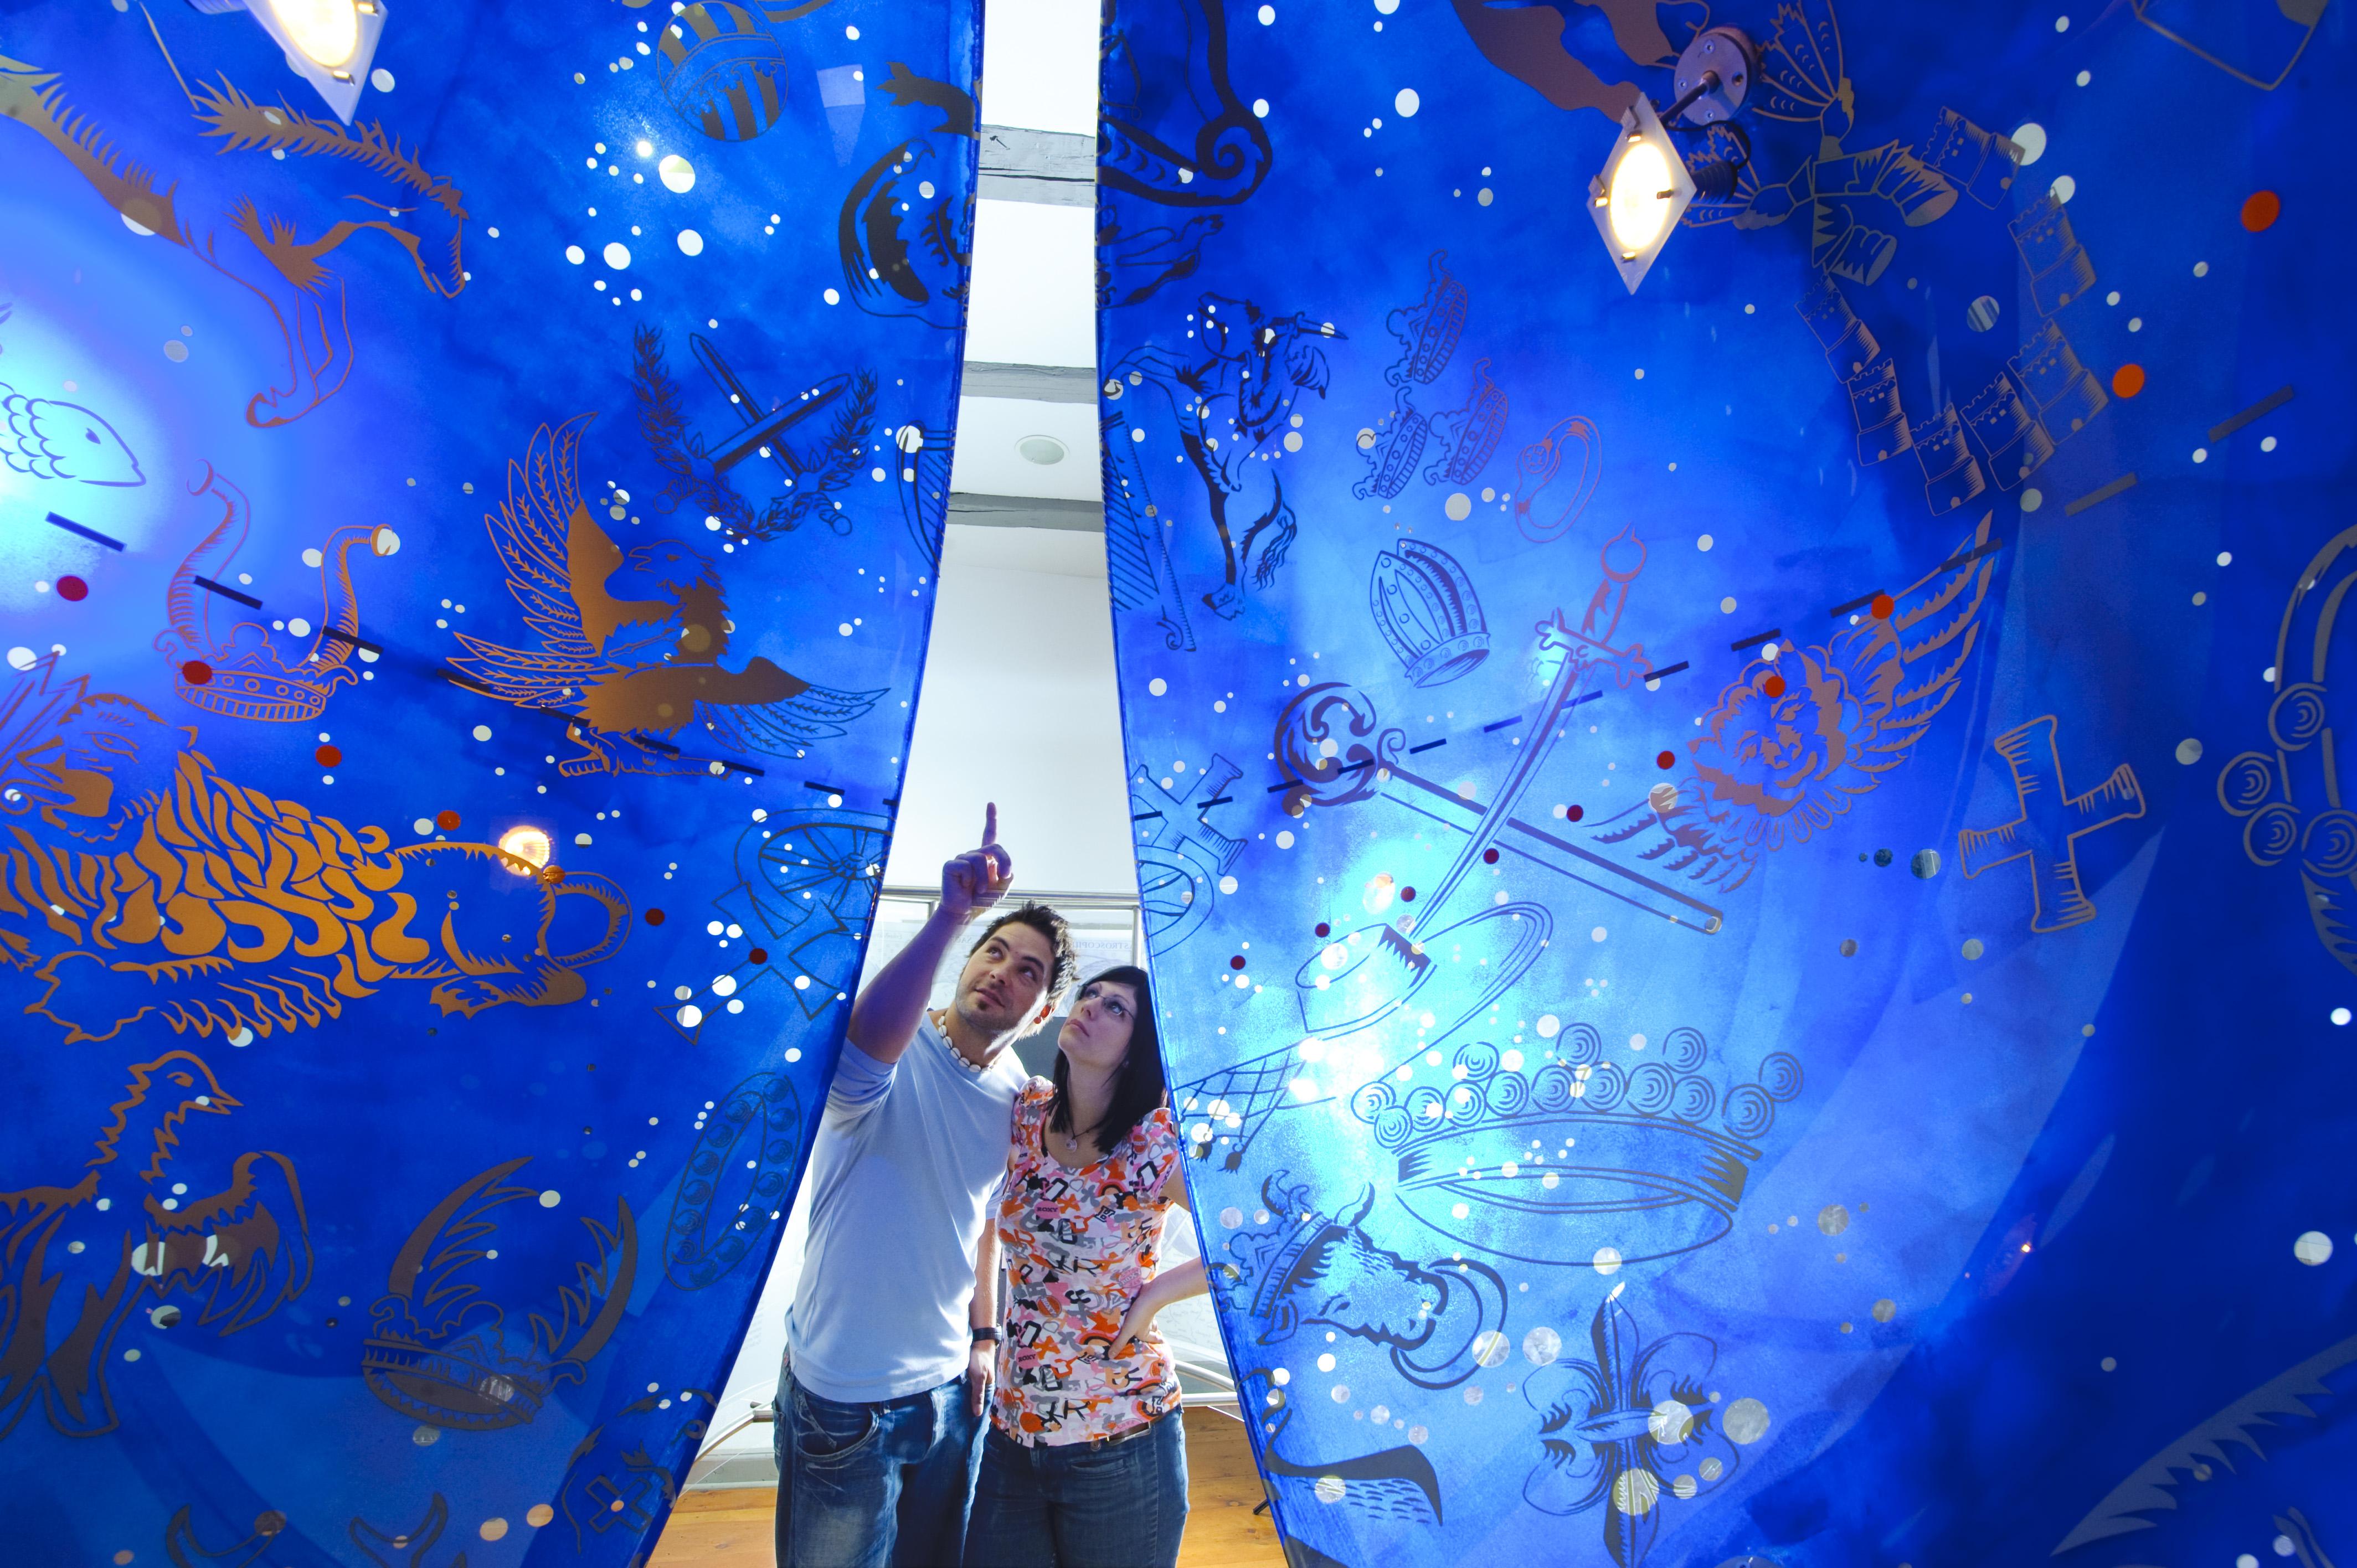 Besucher erkunden die Weigelsche Himmelskugel im Stadtmuseum